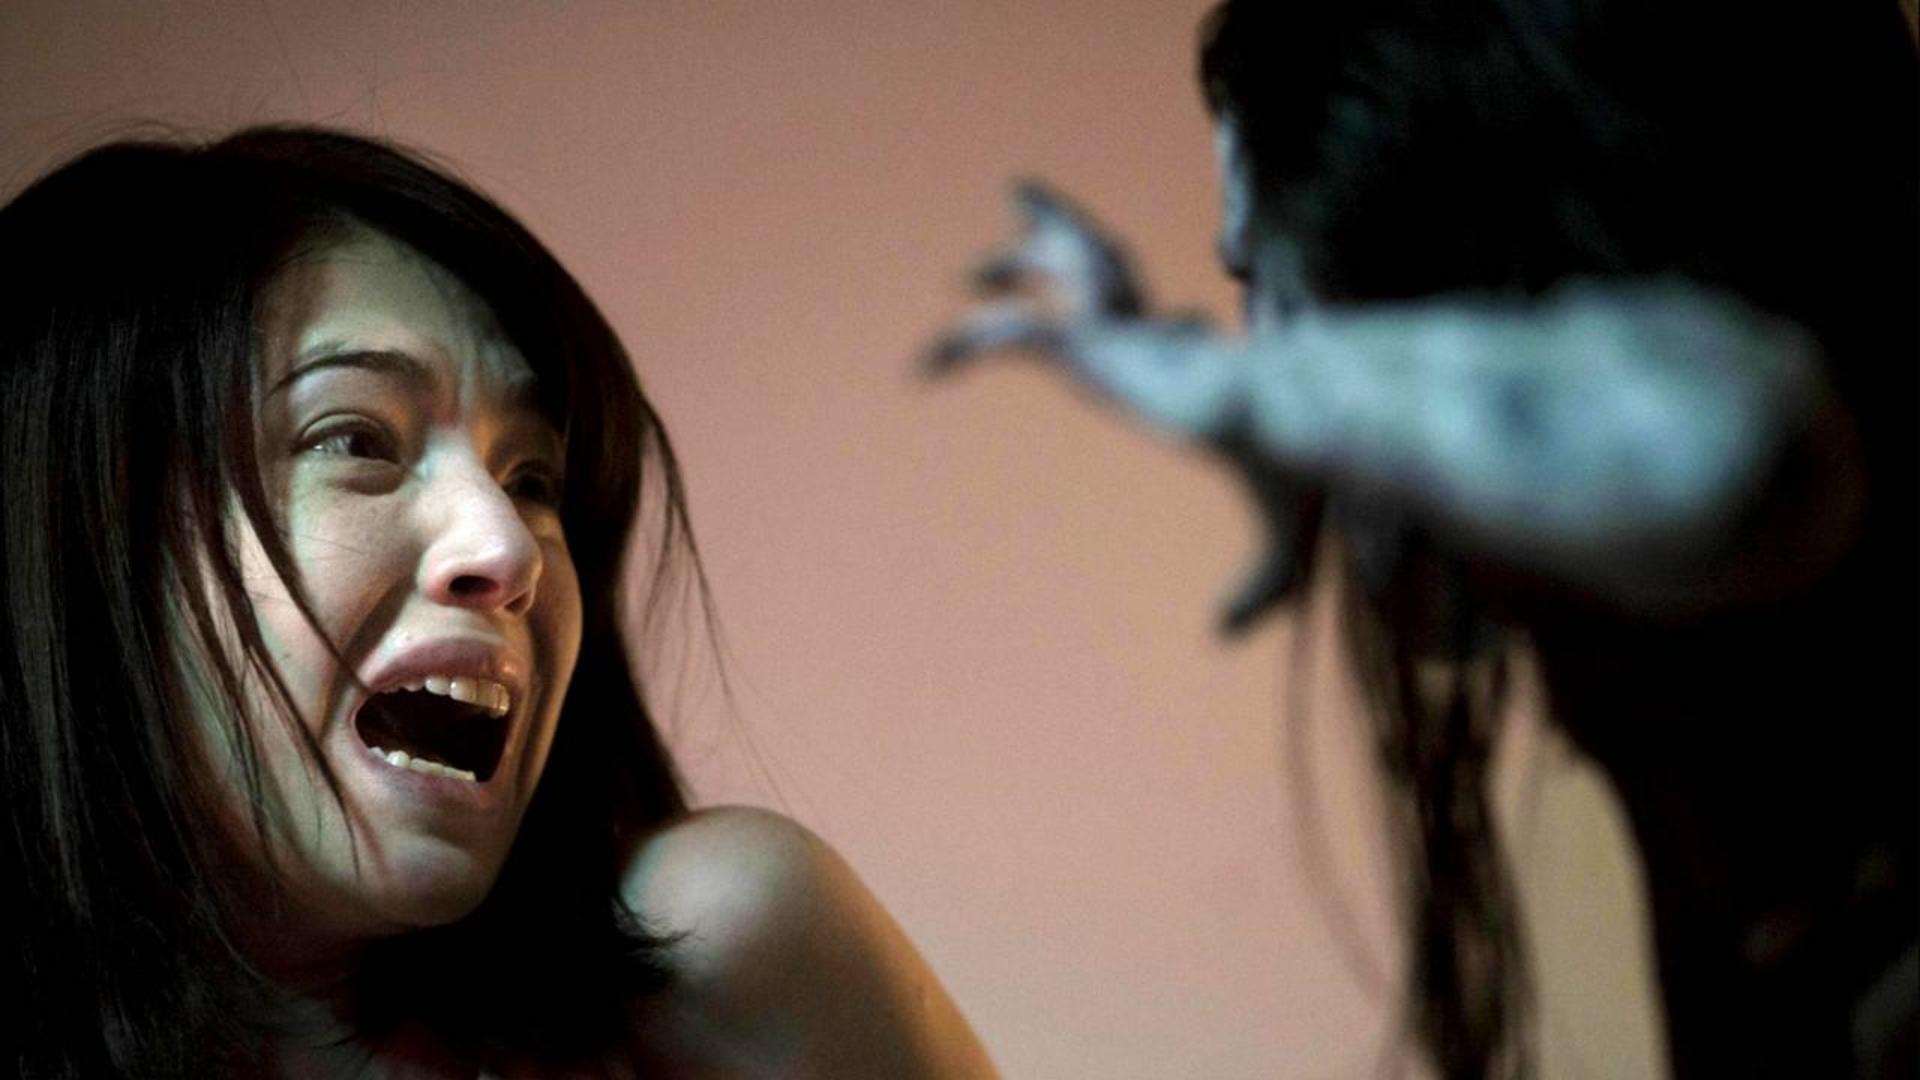 真实灵异事件改编的恐怖片,这部《红衣小女孩》,看完做噩梦!